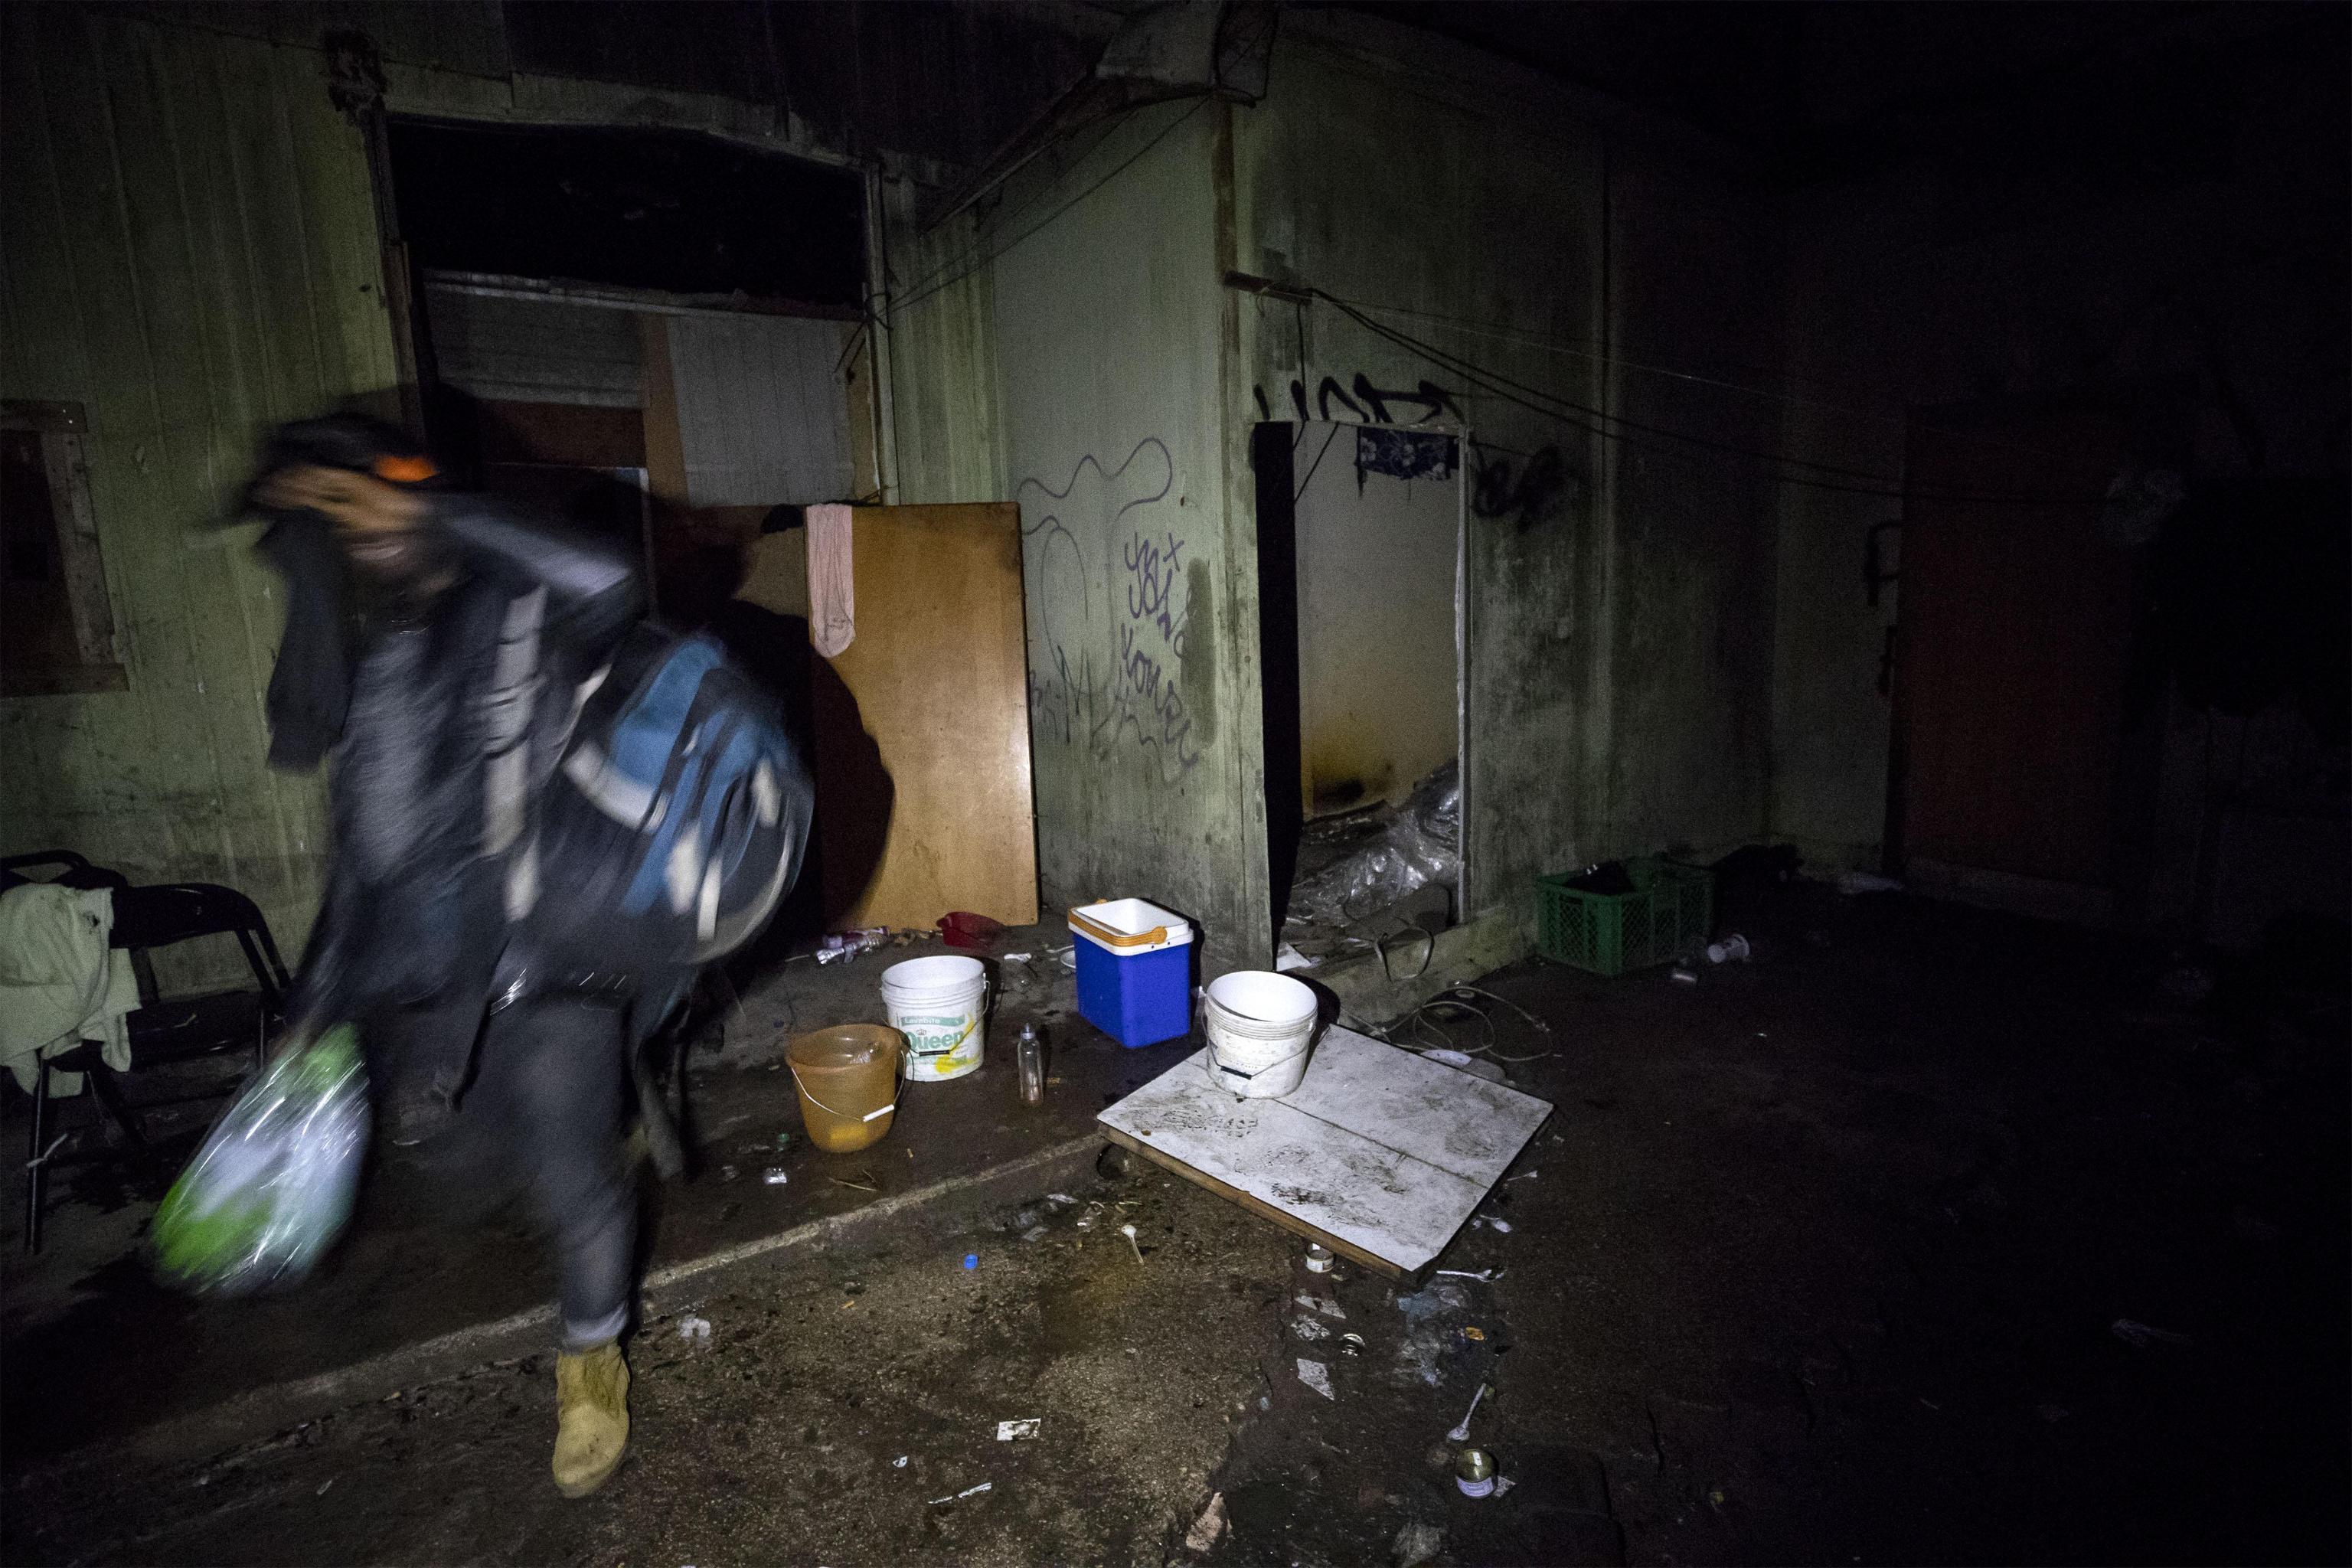 Un abitante porta via le sue cose prima dello sgombero dell'ex fabbrica di penicillina su via Tiburtina a Roma, 10 dicembre 2018. ANSA/PERI - PERCOSSI